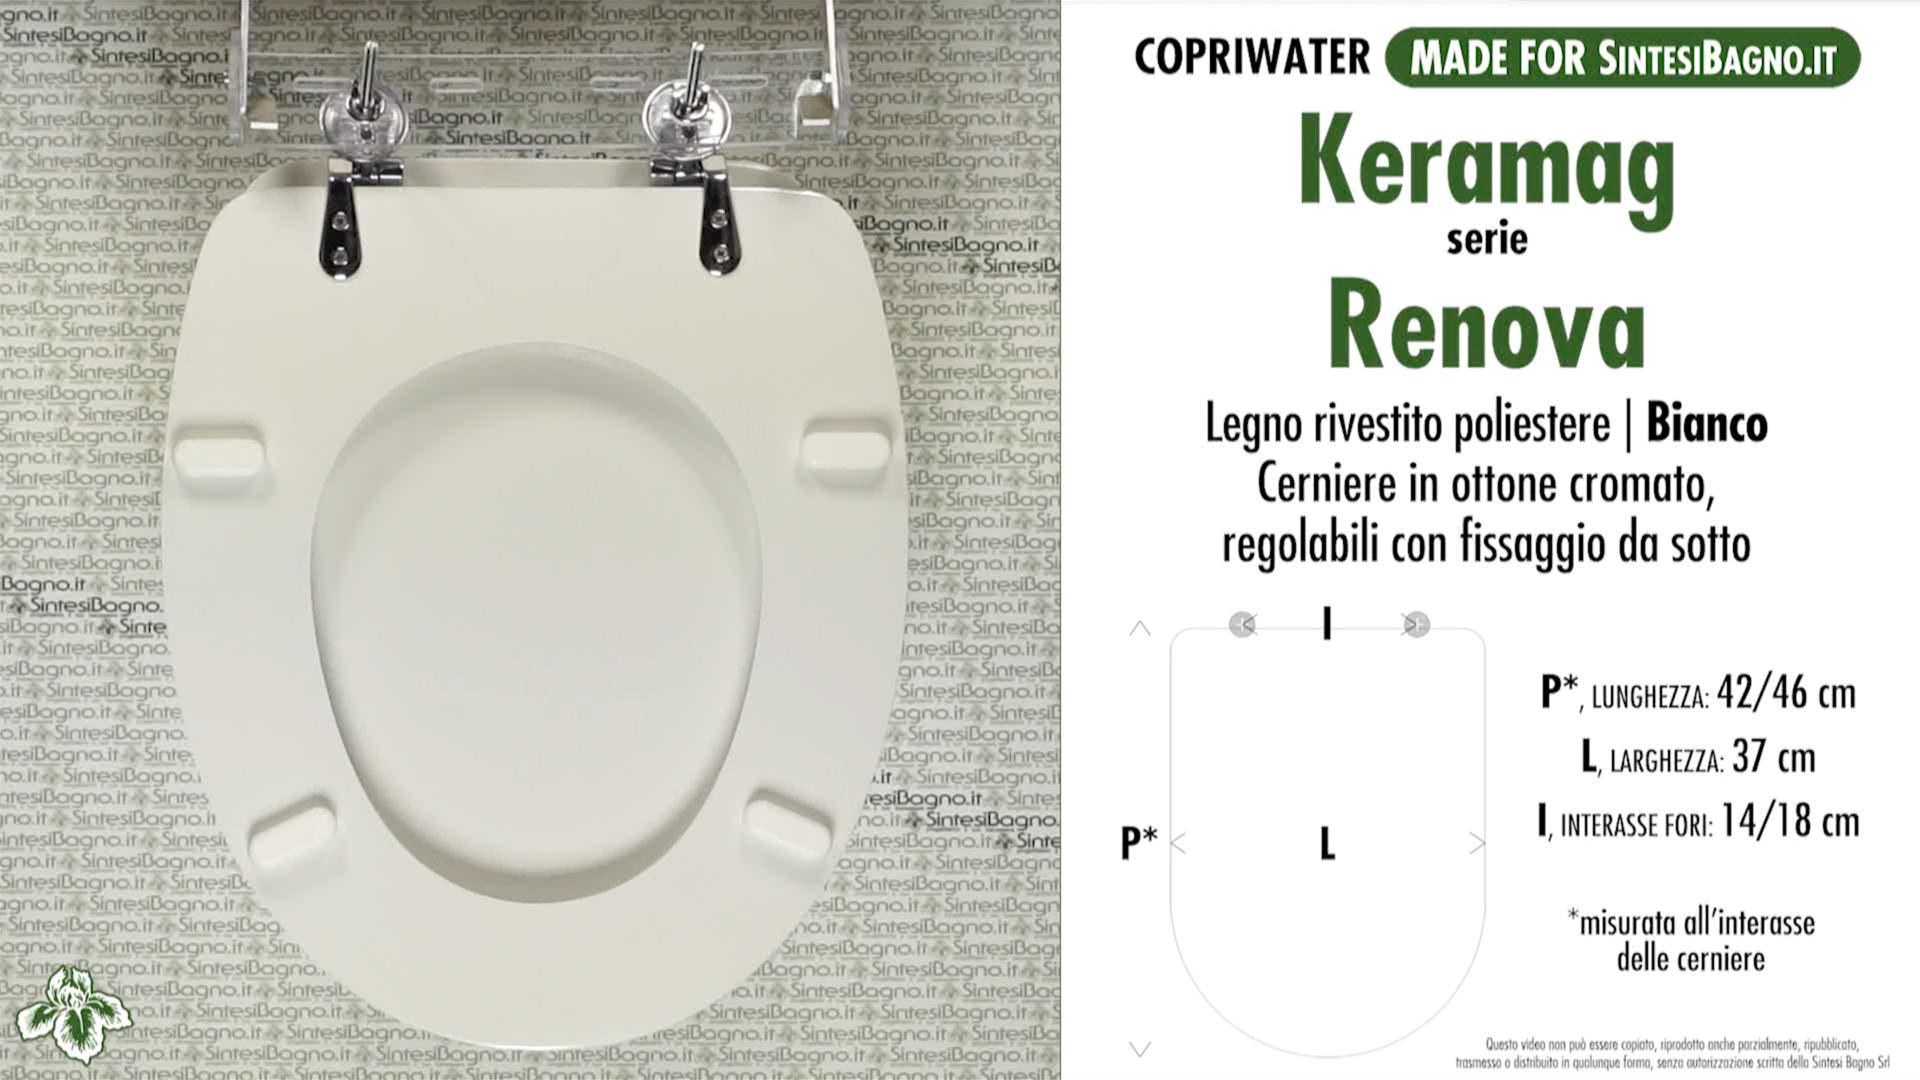 Schede tecniche misure copriwater keramag serie renova - Keramag for you ...